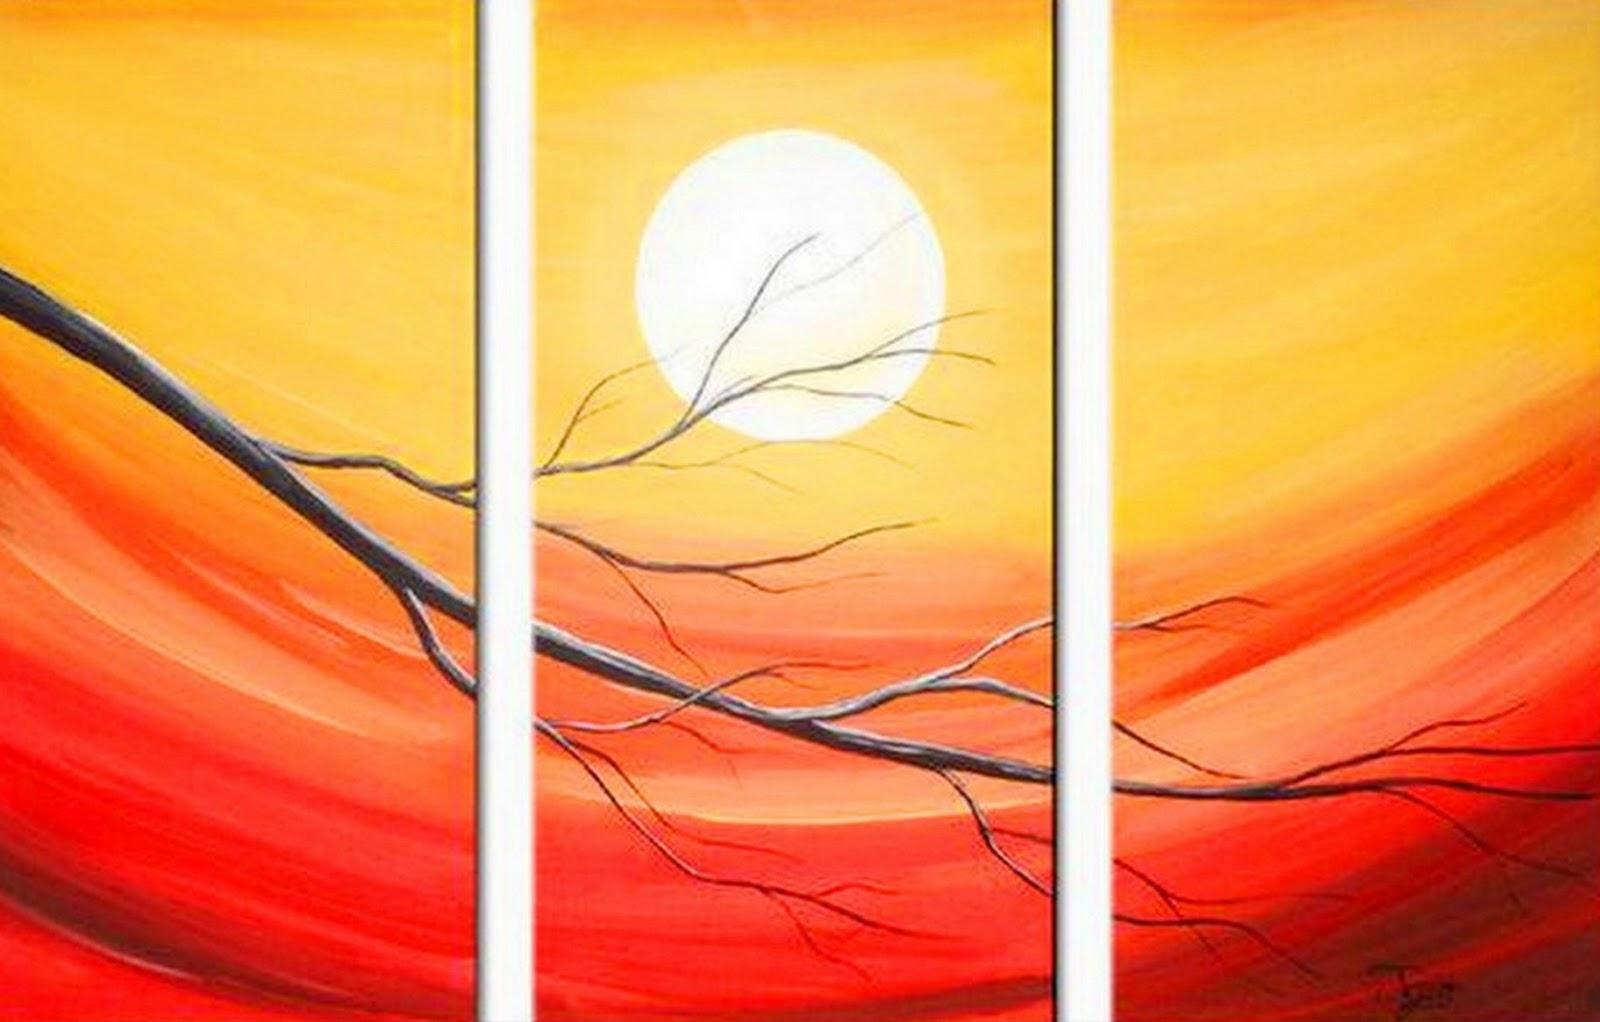 Cuadros modernos pinturas y dibujos cuadros tr pticos de for Imagenes de cuadros abstractos tripticos